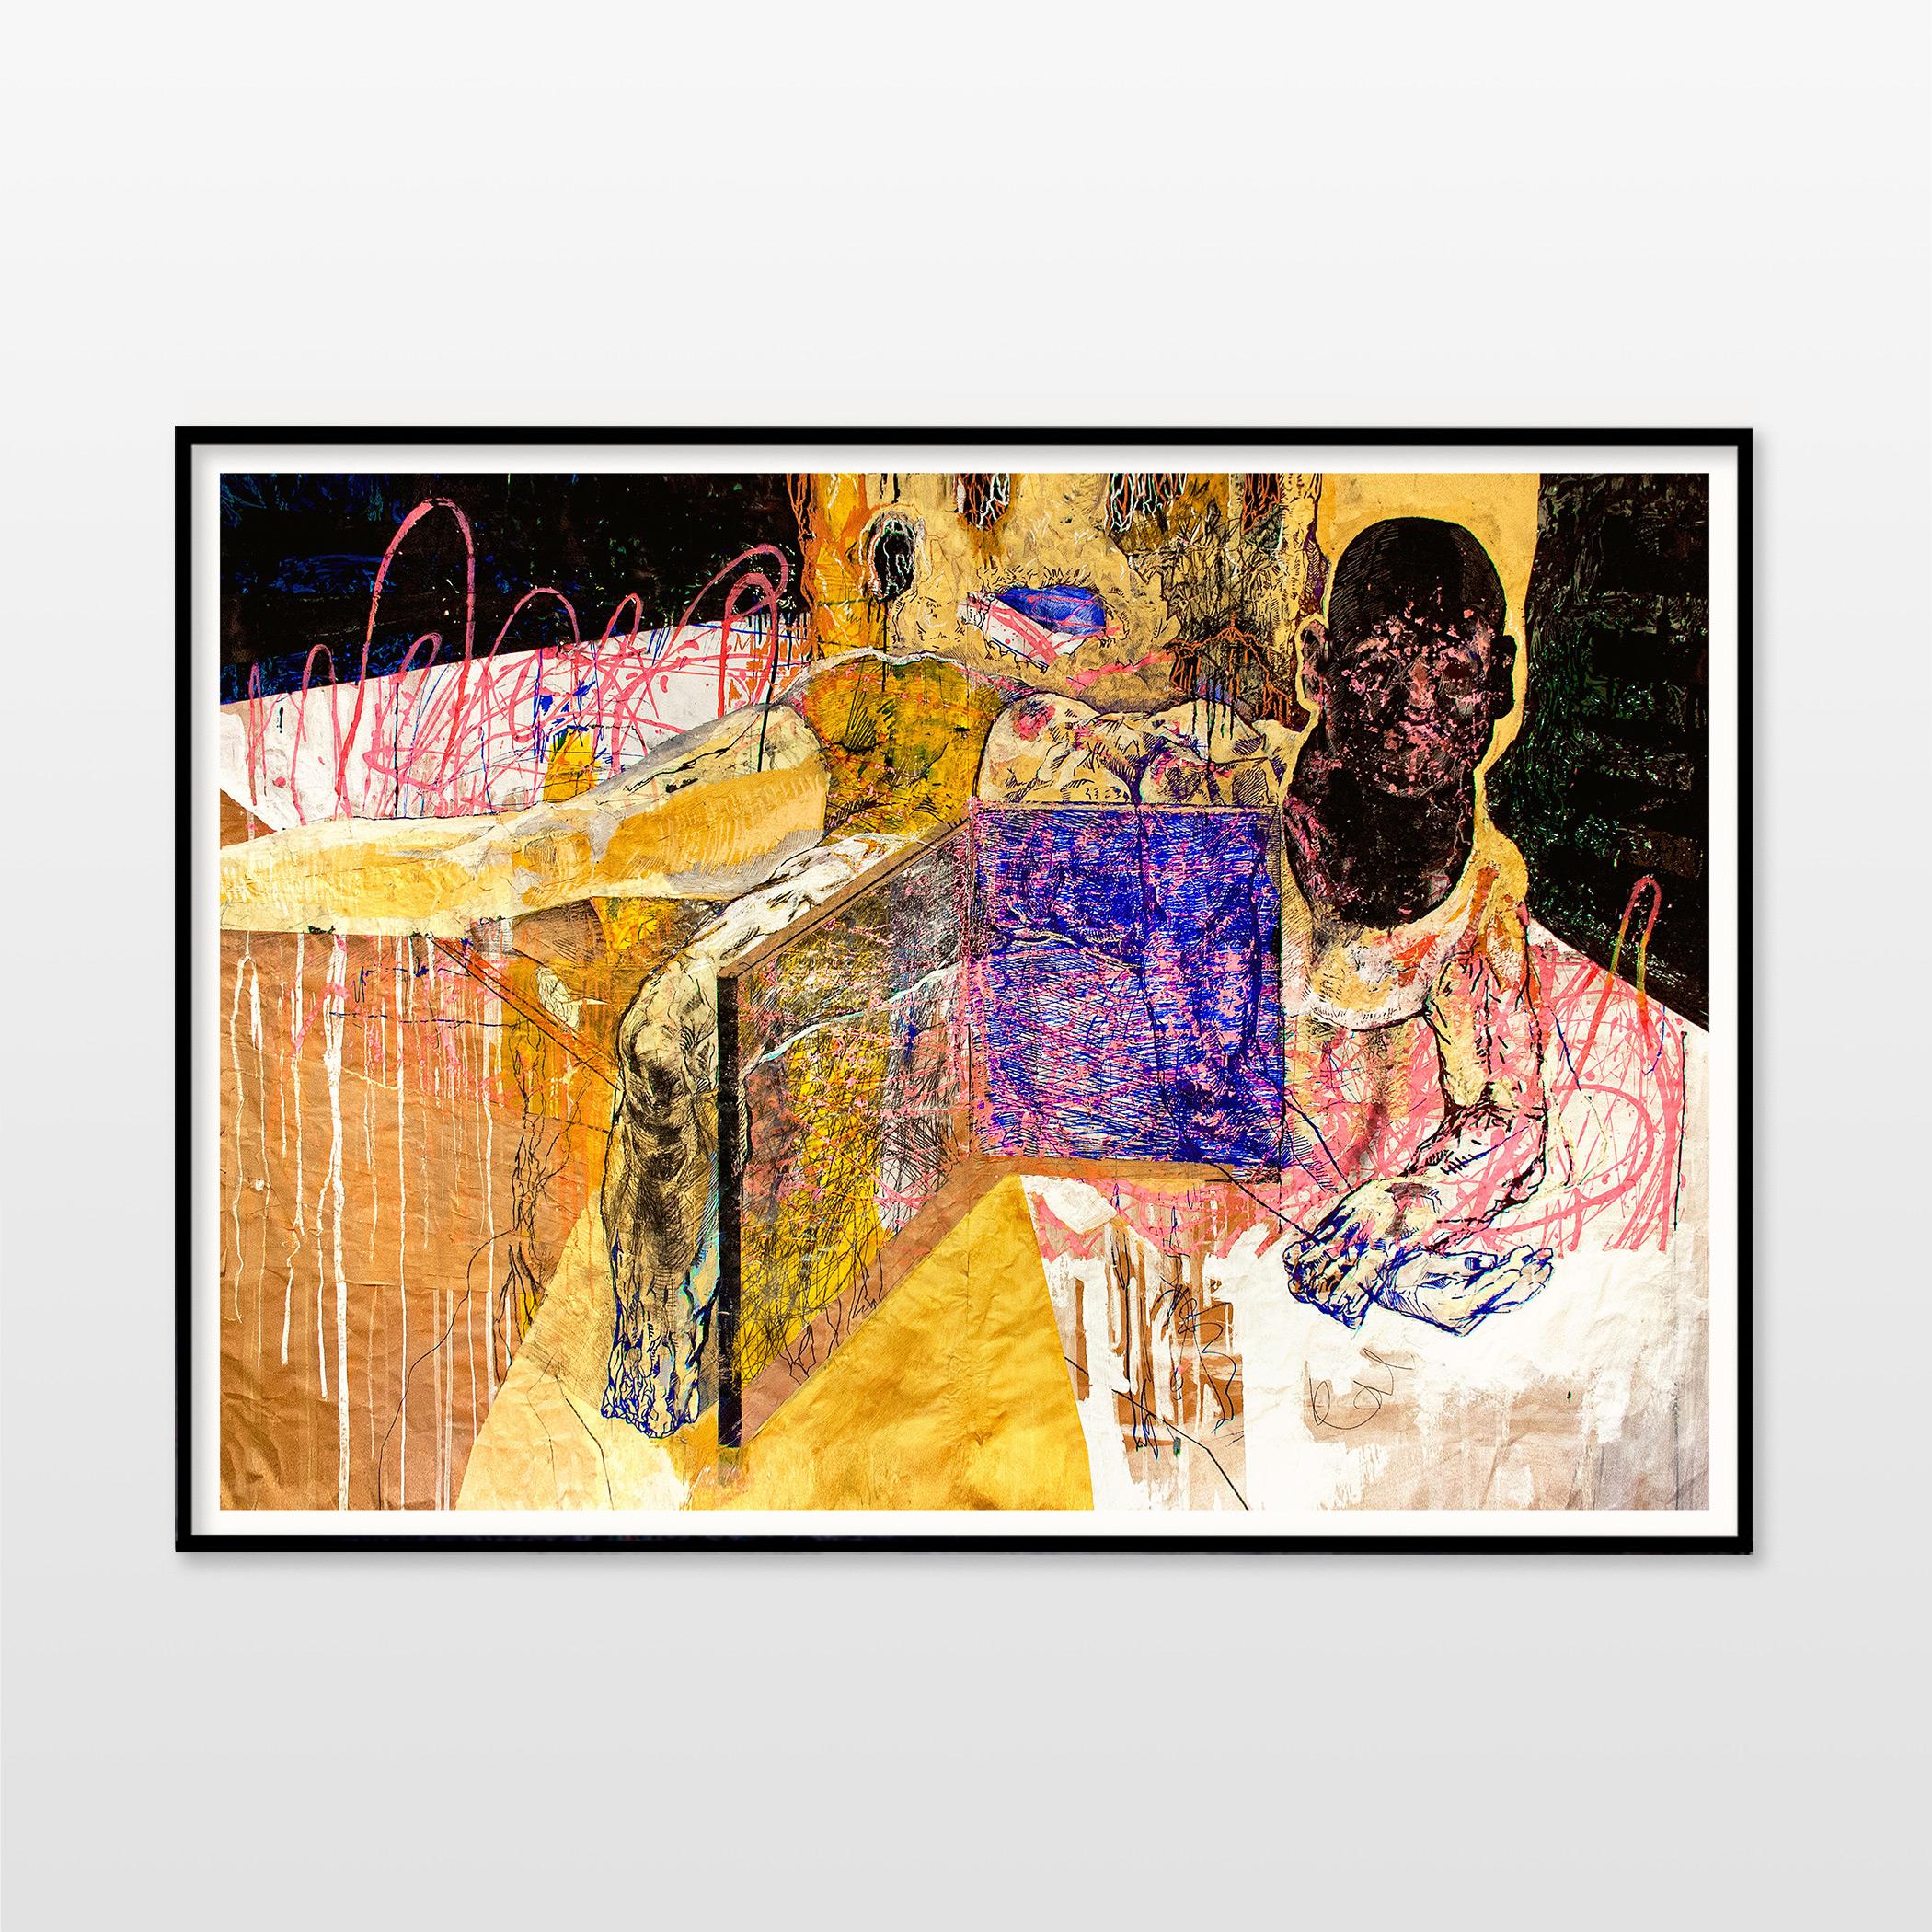 kunsttryk, gicleé, farverige, ekspressionistiske, illustrative, kroppe, stemninger, bevægelse, mennesker, sorte, brune, pink, gule, blæk, papir, samtidskunst, dansk, dekorative, design, ekspressionisme, ansigter, interiør, bolig-indretning, mænd, moderne, moderne-kunst, nordisk, plakater, tryk, skandinavisk, Køb original kunst og kunstplakater. Malerier, tegninger, limited edition kunsttryk & plakater af dygtige kunstnere.